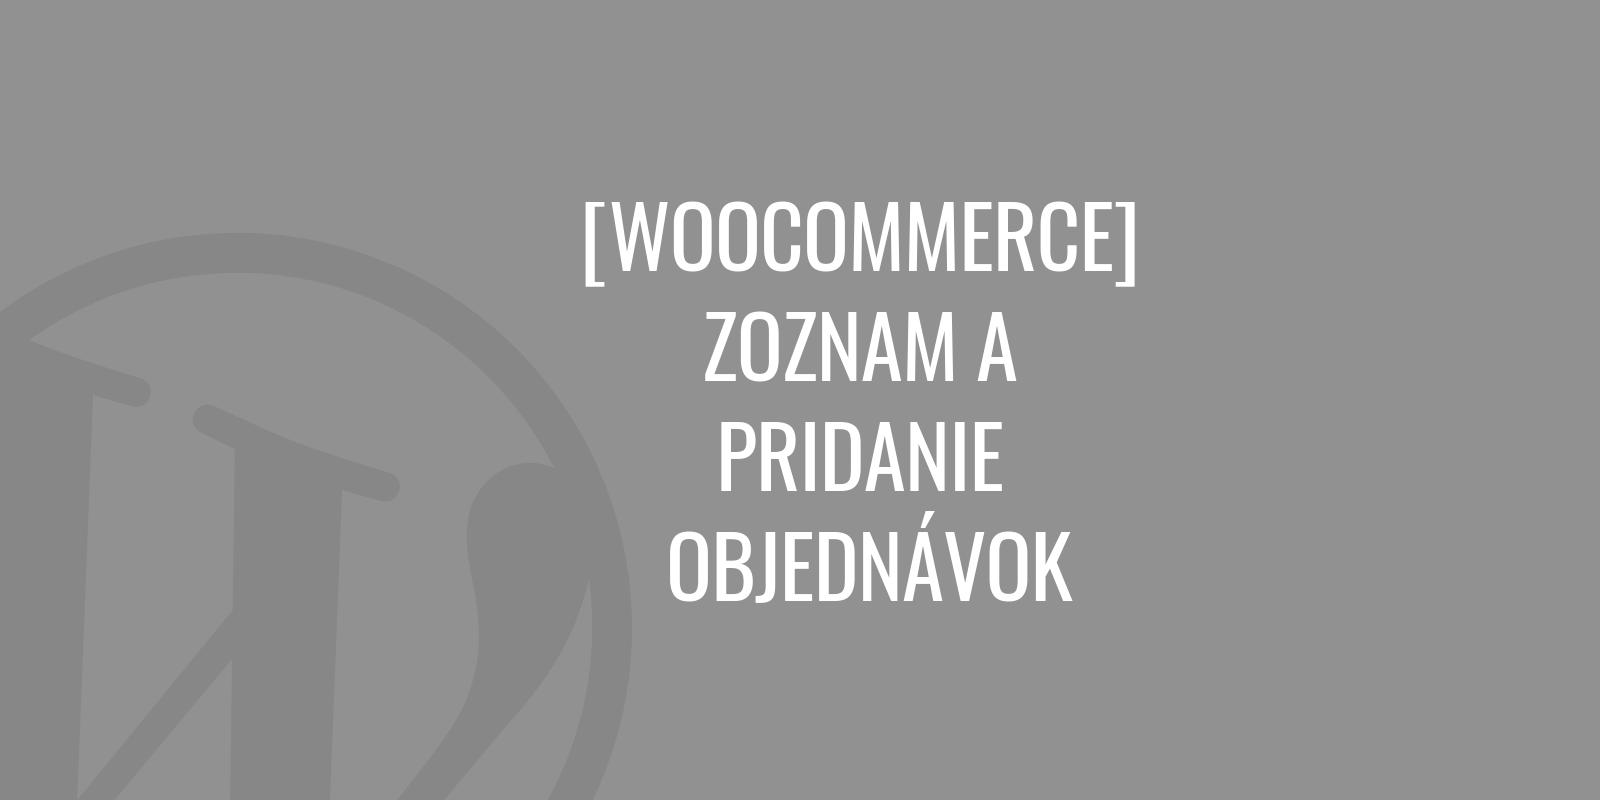 WooCommerce - zoznam a pridanie objednávok